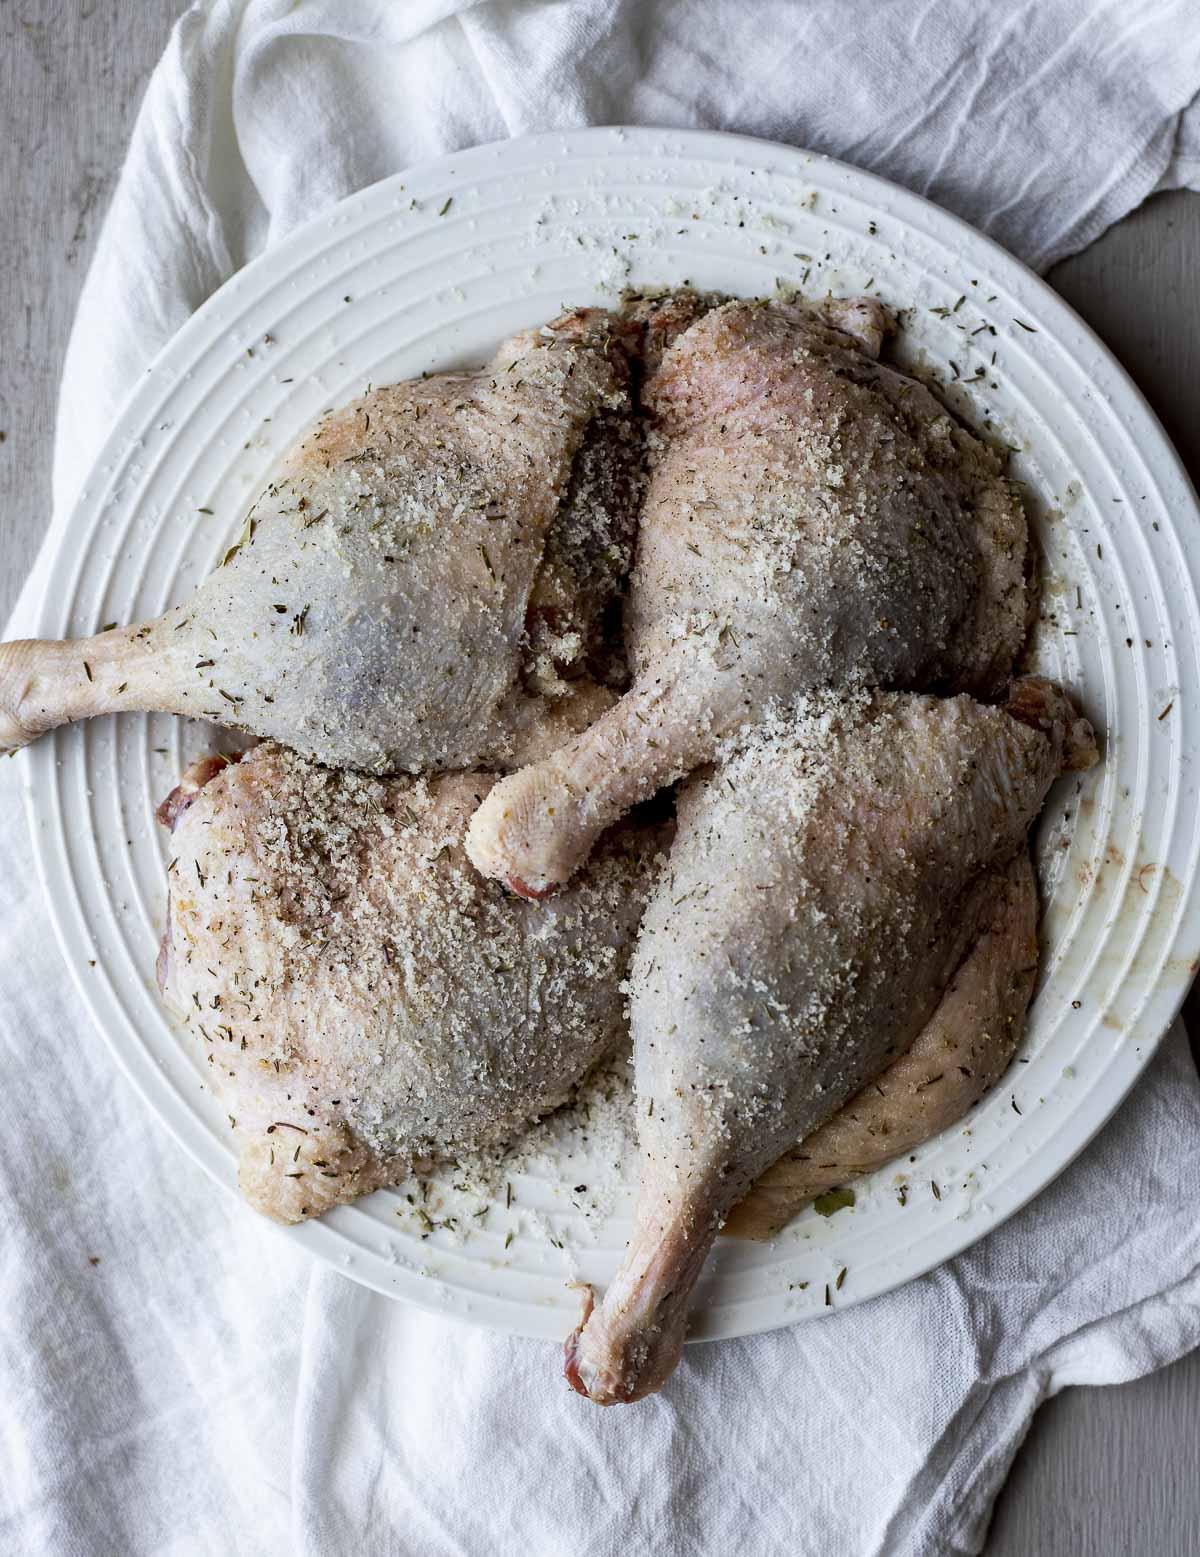 Seasoned duck legs on a white plate.